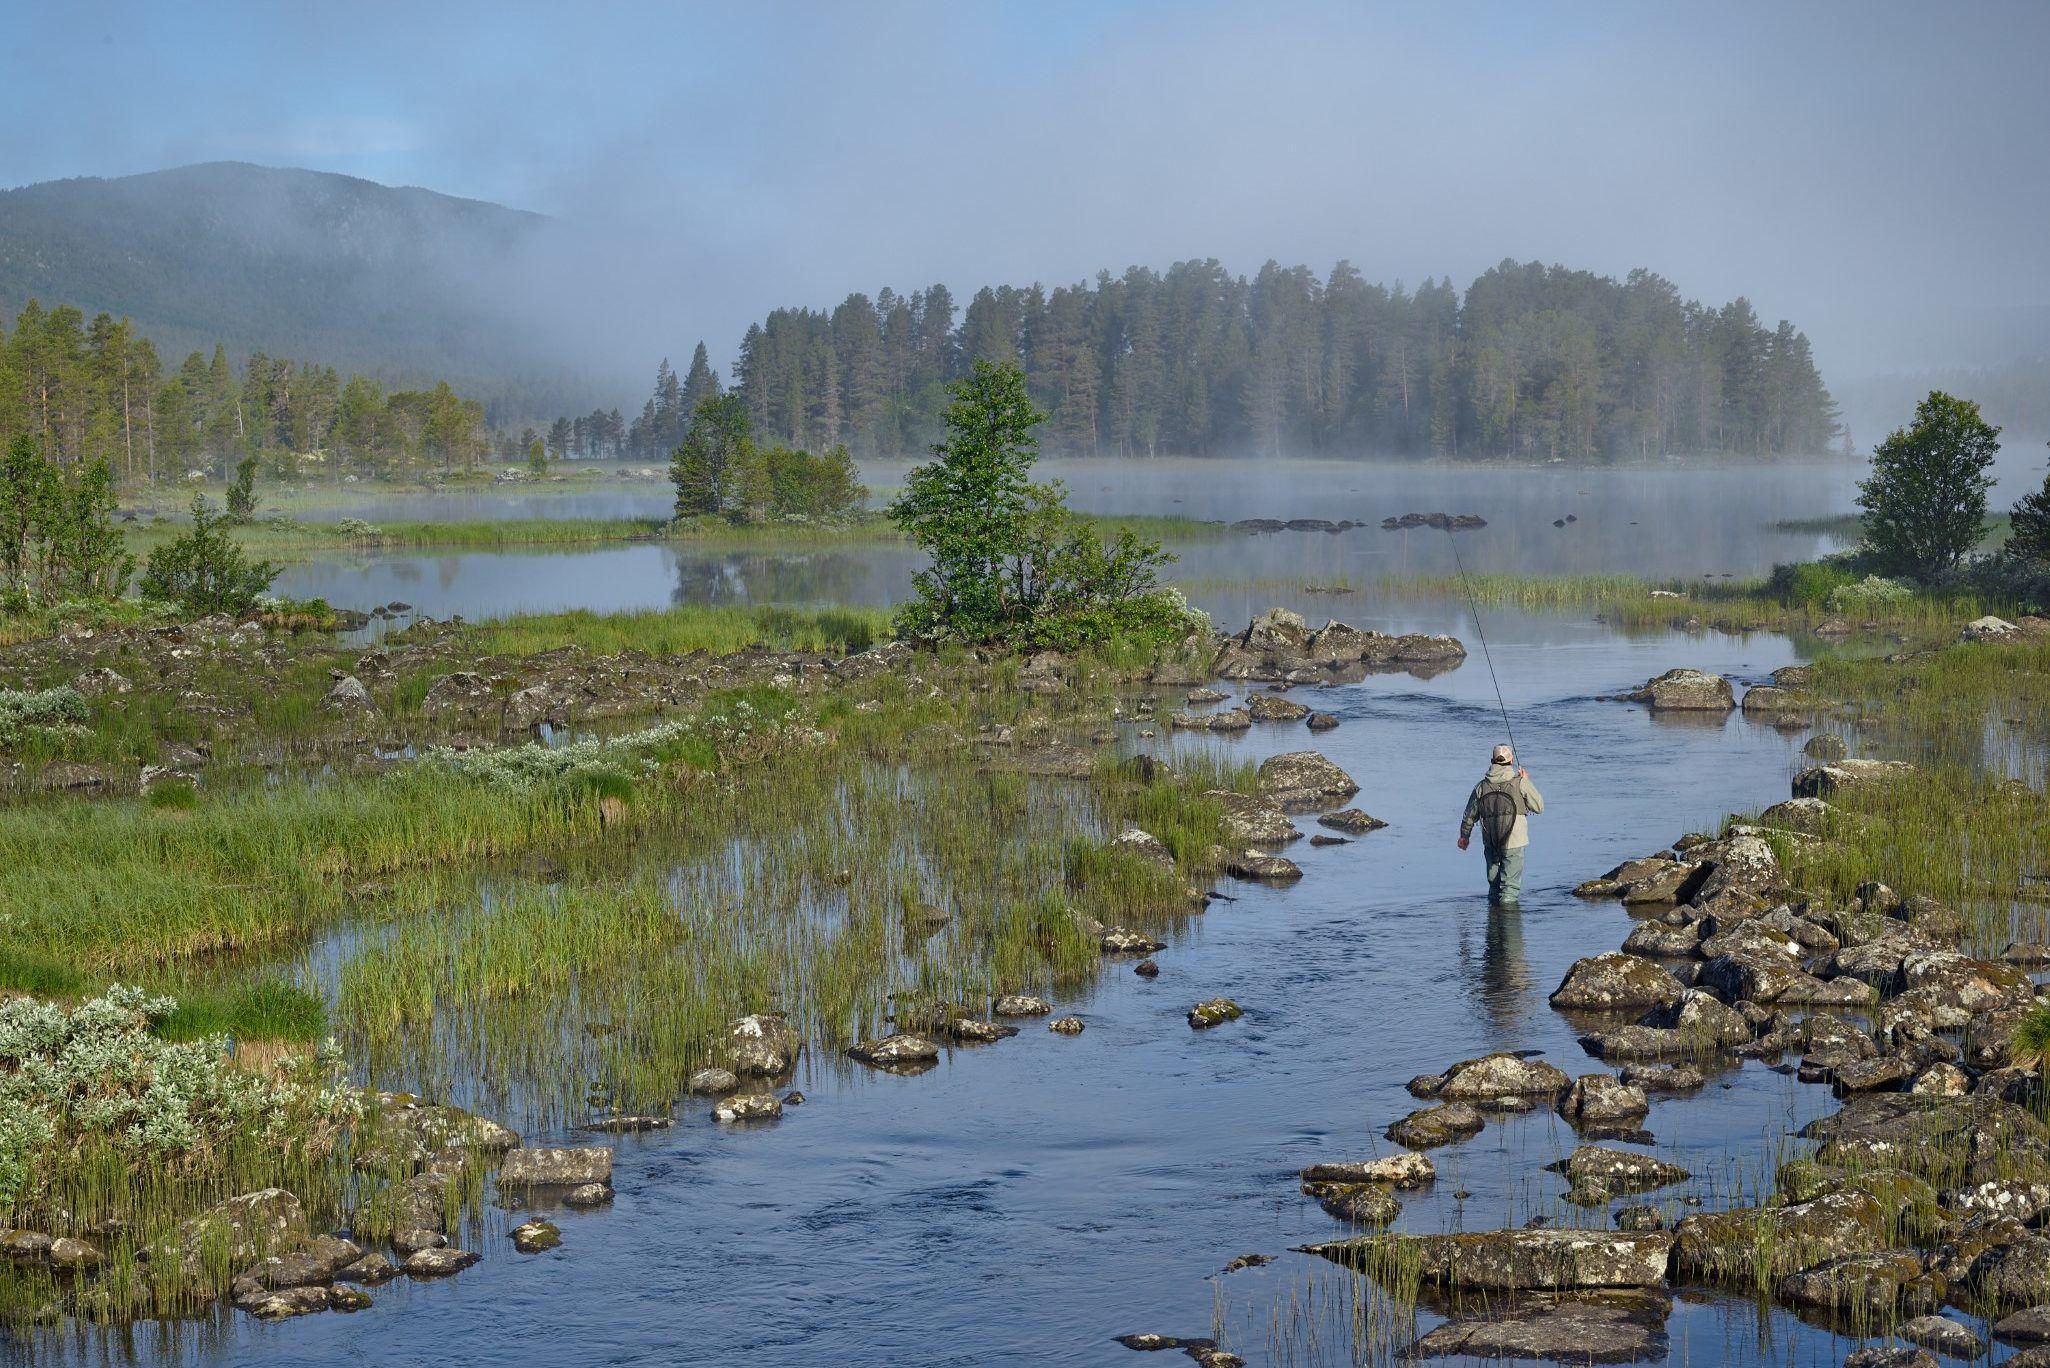 Fiske i Skurdalen/Geilo. Foto: Emile Holba